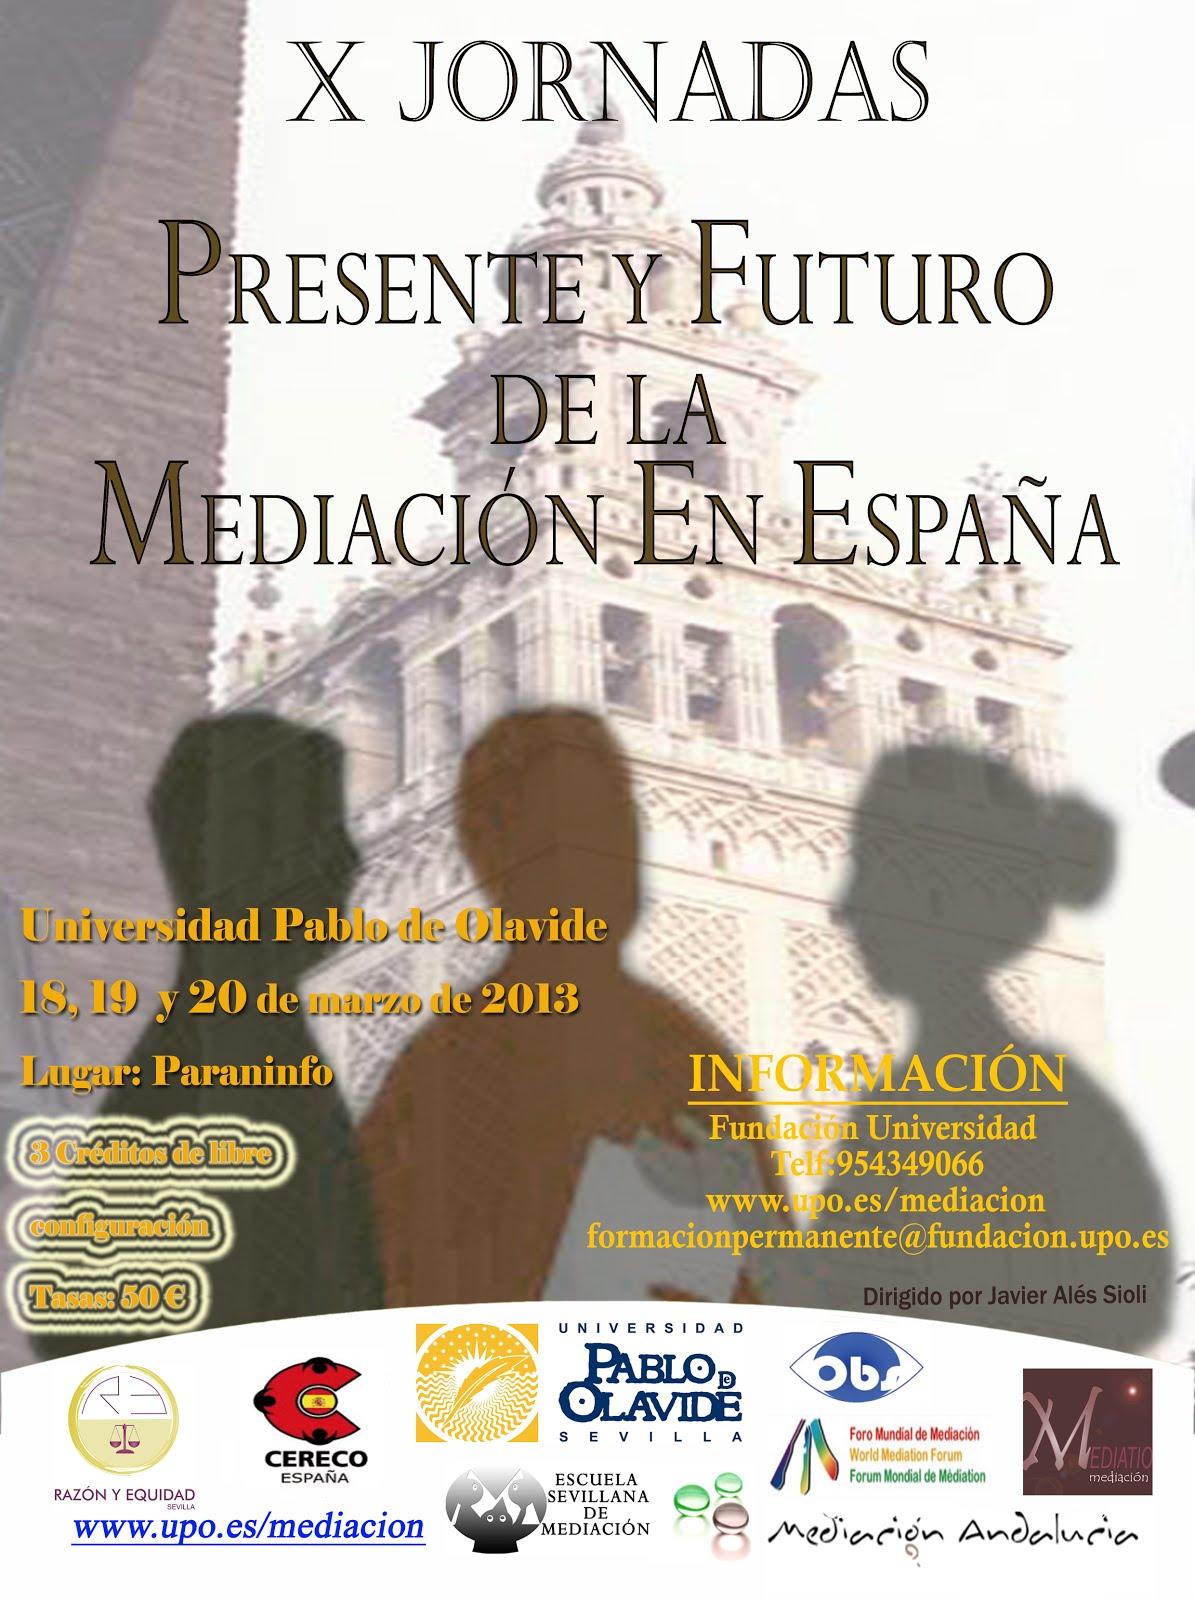 JORNADAS SOBRE PRESENTE Y FUTURO DE LA MEDIACION EN ESPAÑA